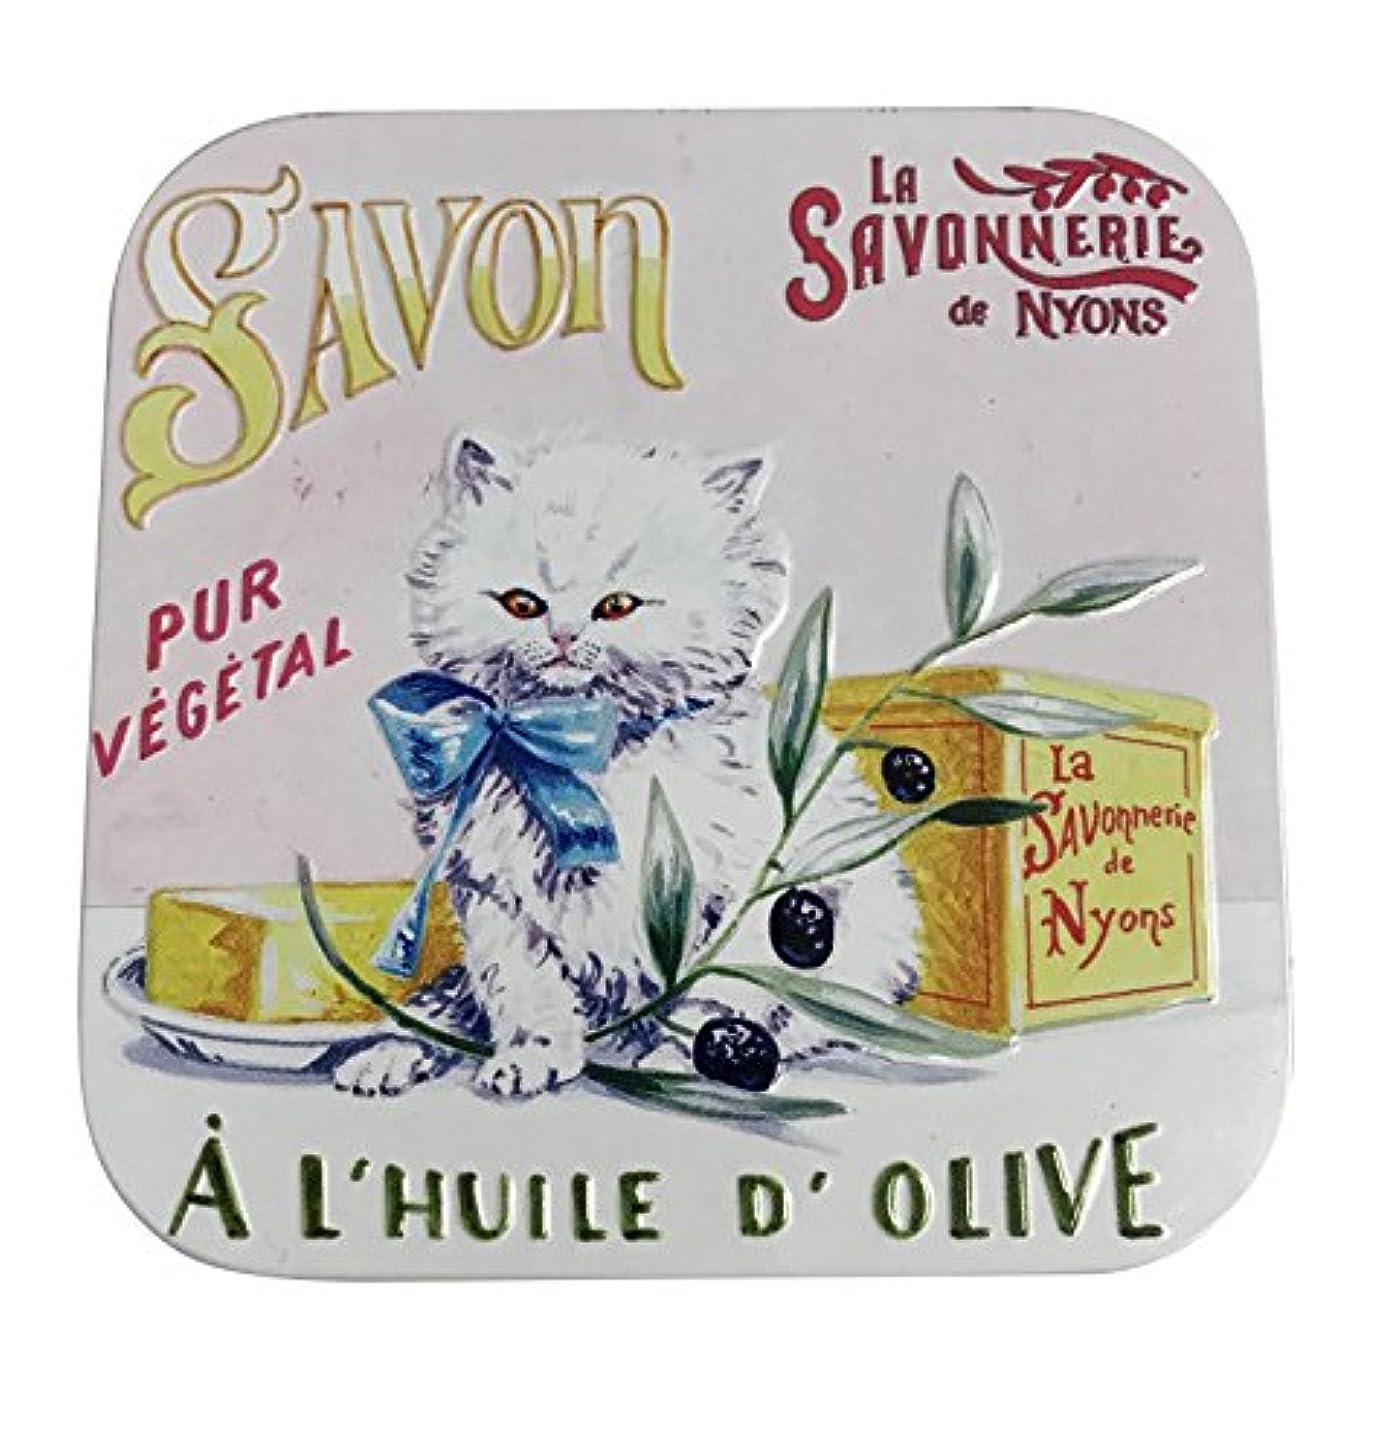 効能ある誘う衣類ラ・サボネリー アンティーク缶入り石鹸 タイプ100 ペルシャ子猫(コットンフラワー)